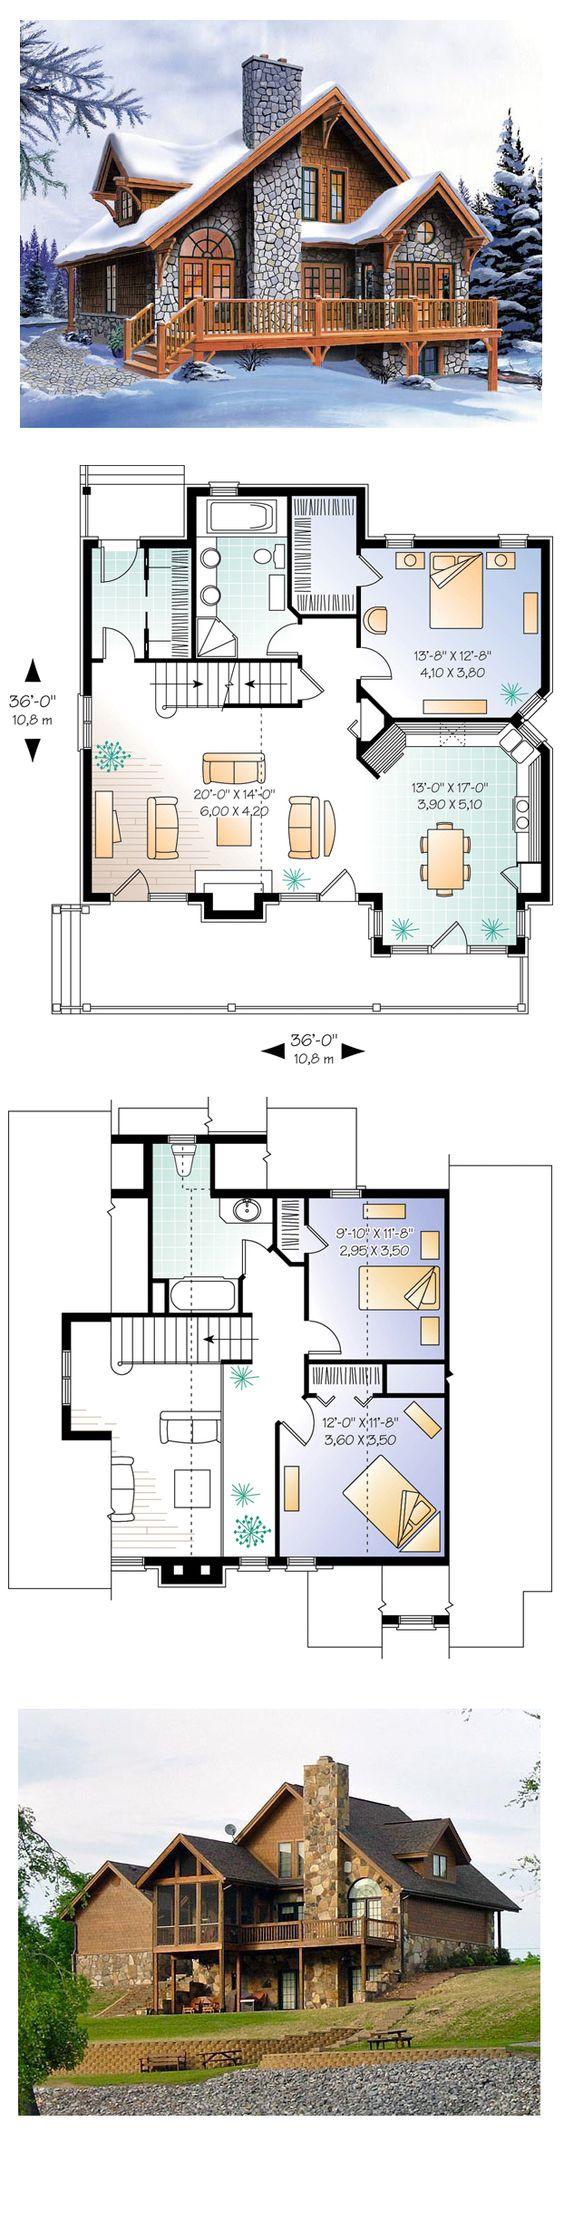 Les sims sims 3 plans de la maison de lartisan artisan ranch plans de maison de ranch plans de maisons victoriennes plans de maisons européennes